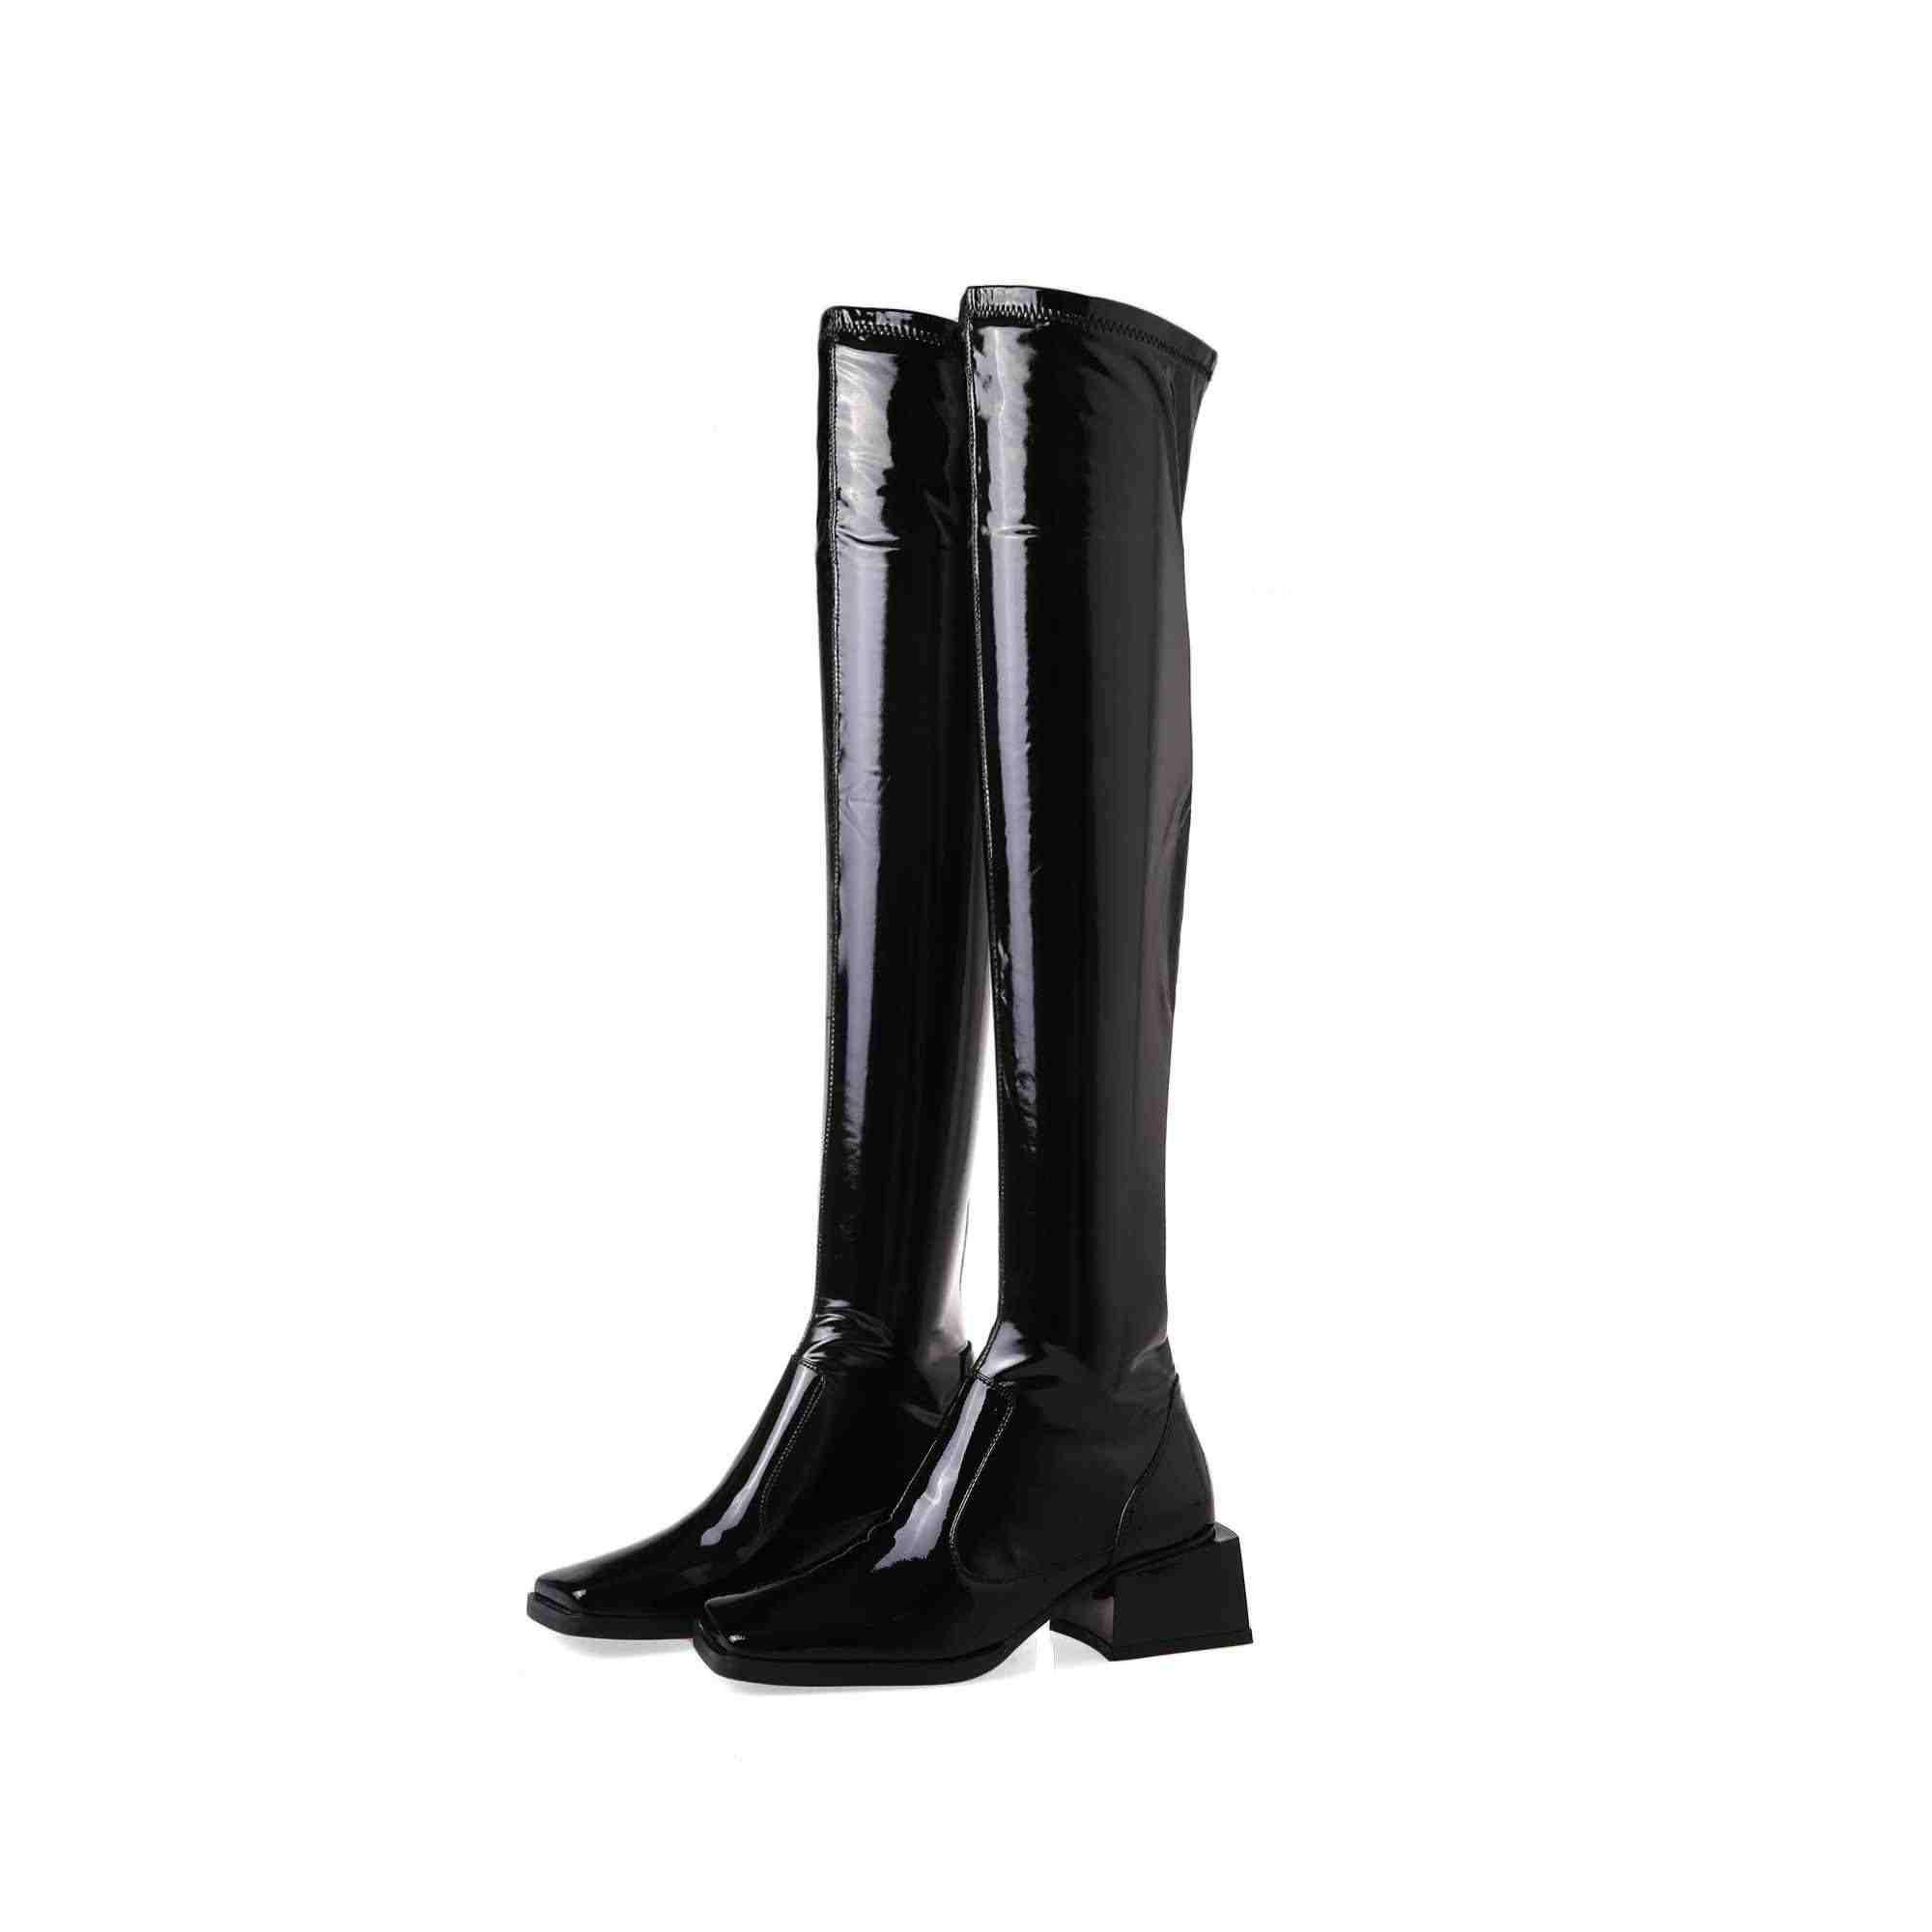 Krazing Pot sıcak kış sıcak rahat streç çizmeler kare ayak yüksek topuklar inek deri kadın basit tarzı aşırı the-diz çizmeler L87